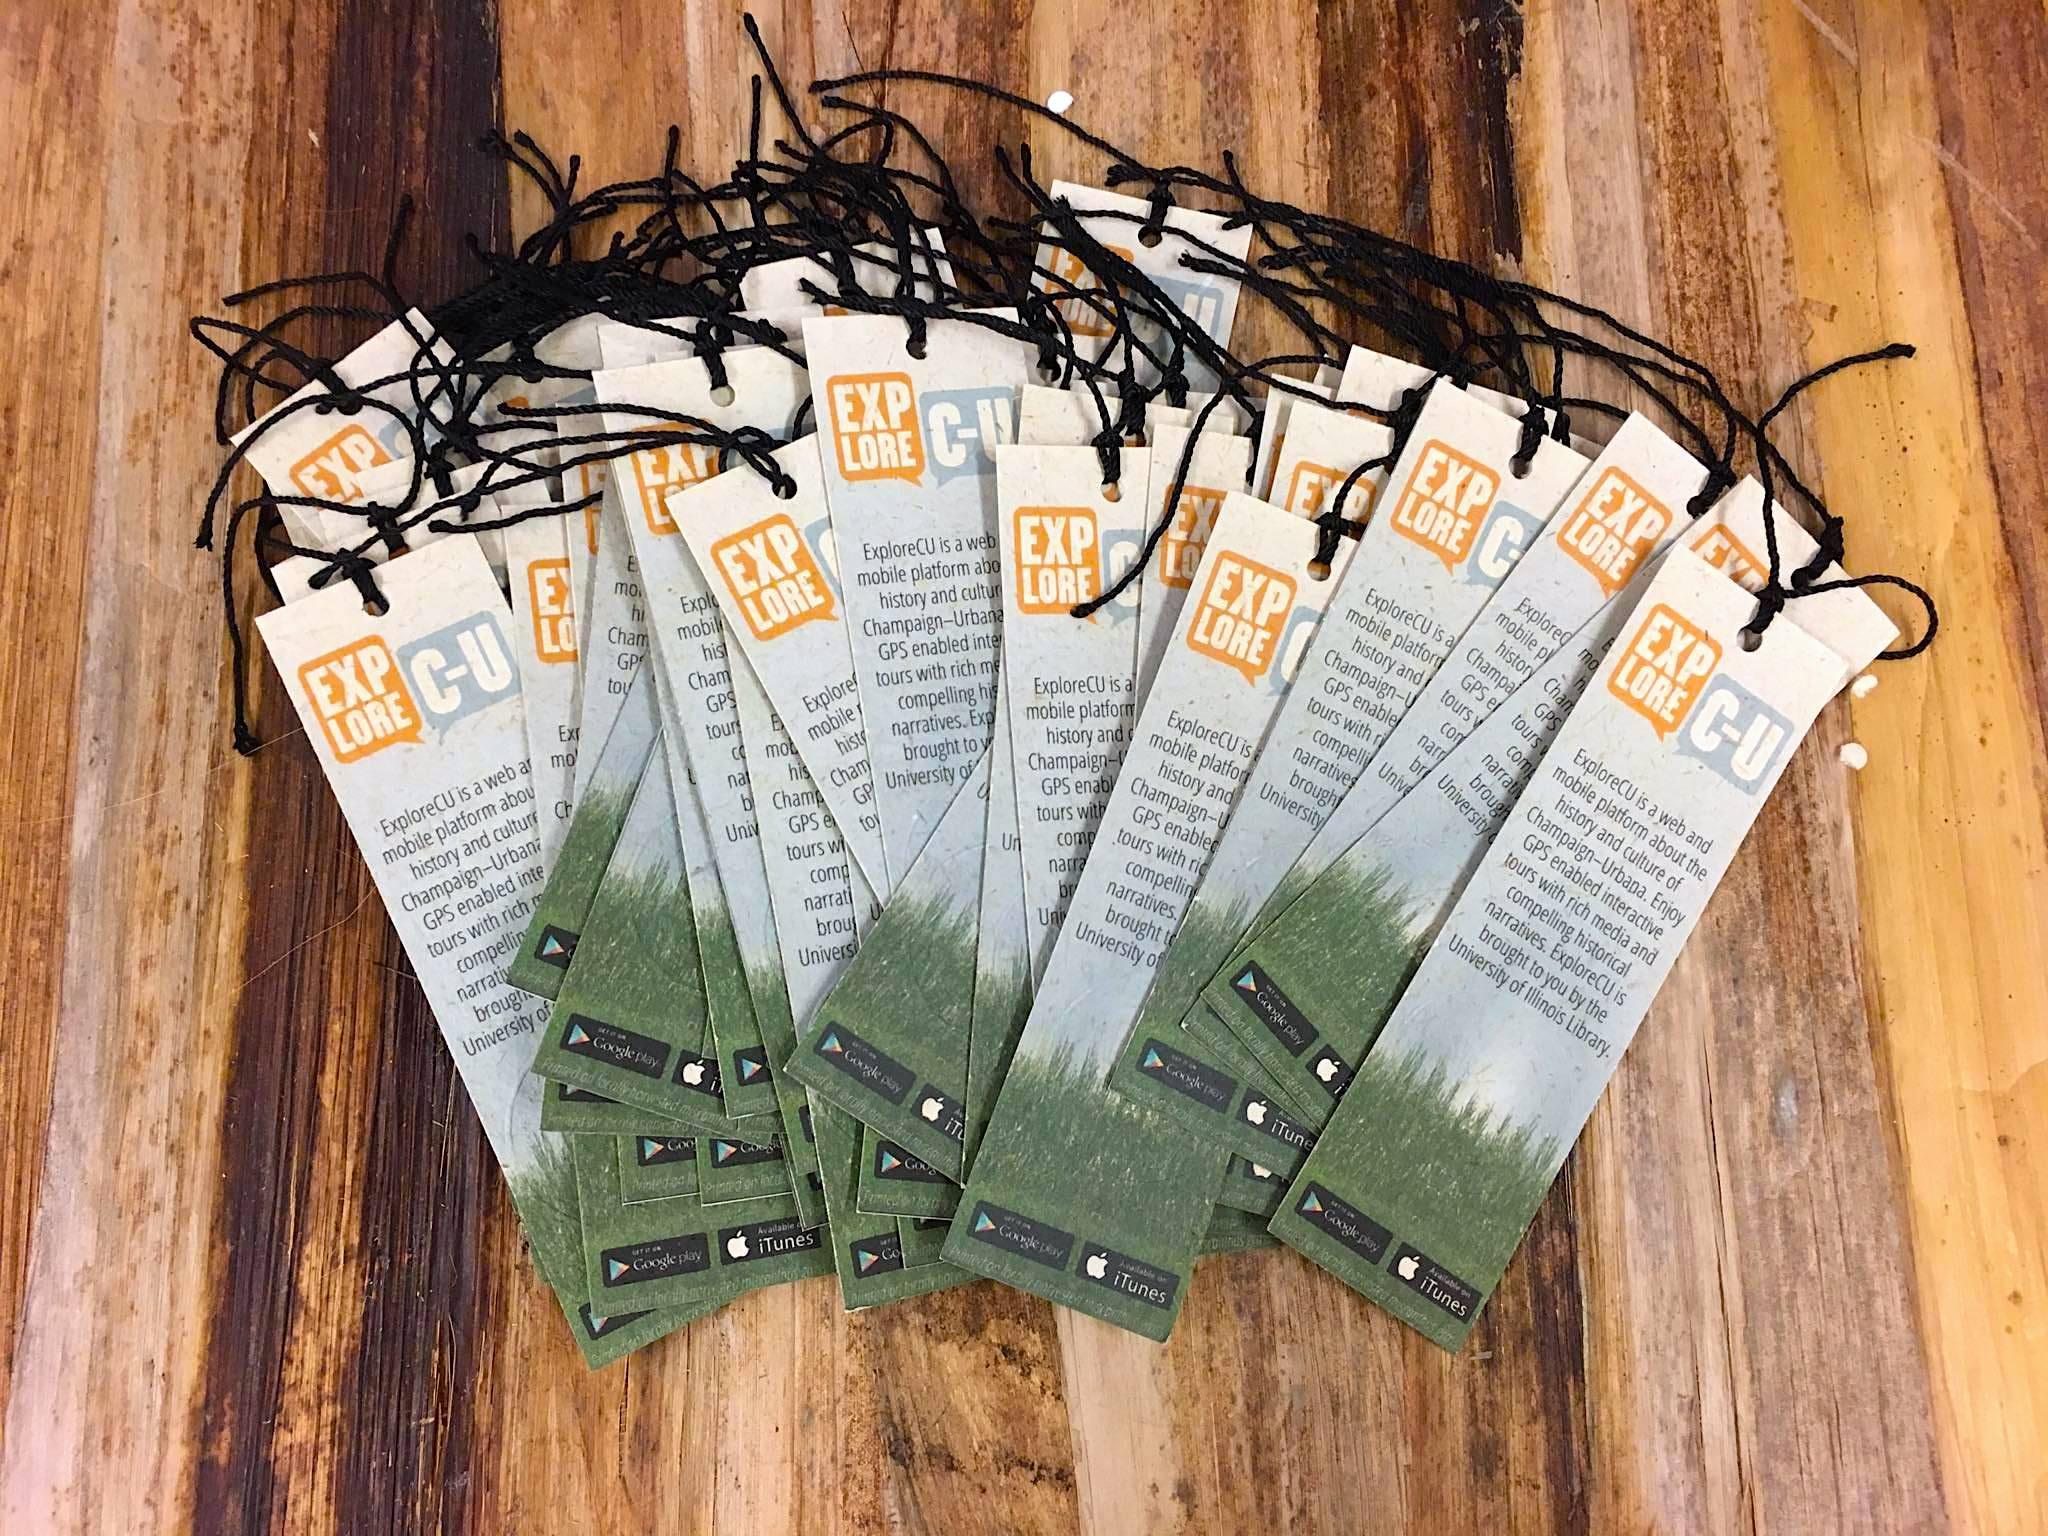 ExploreCU Bookmarks